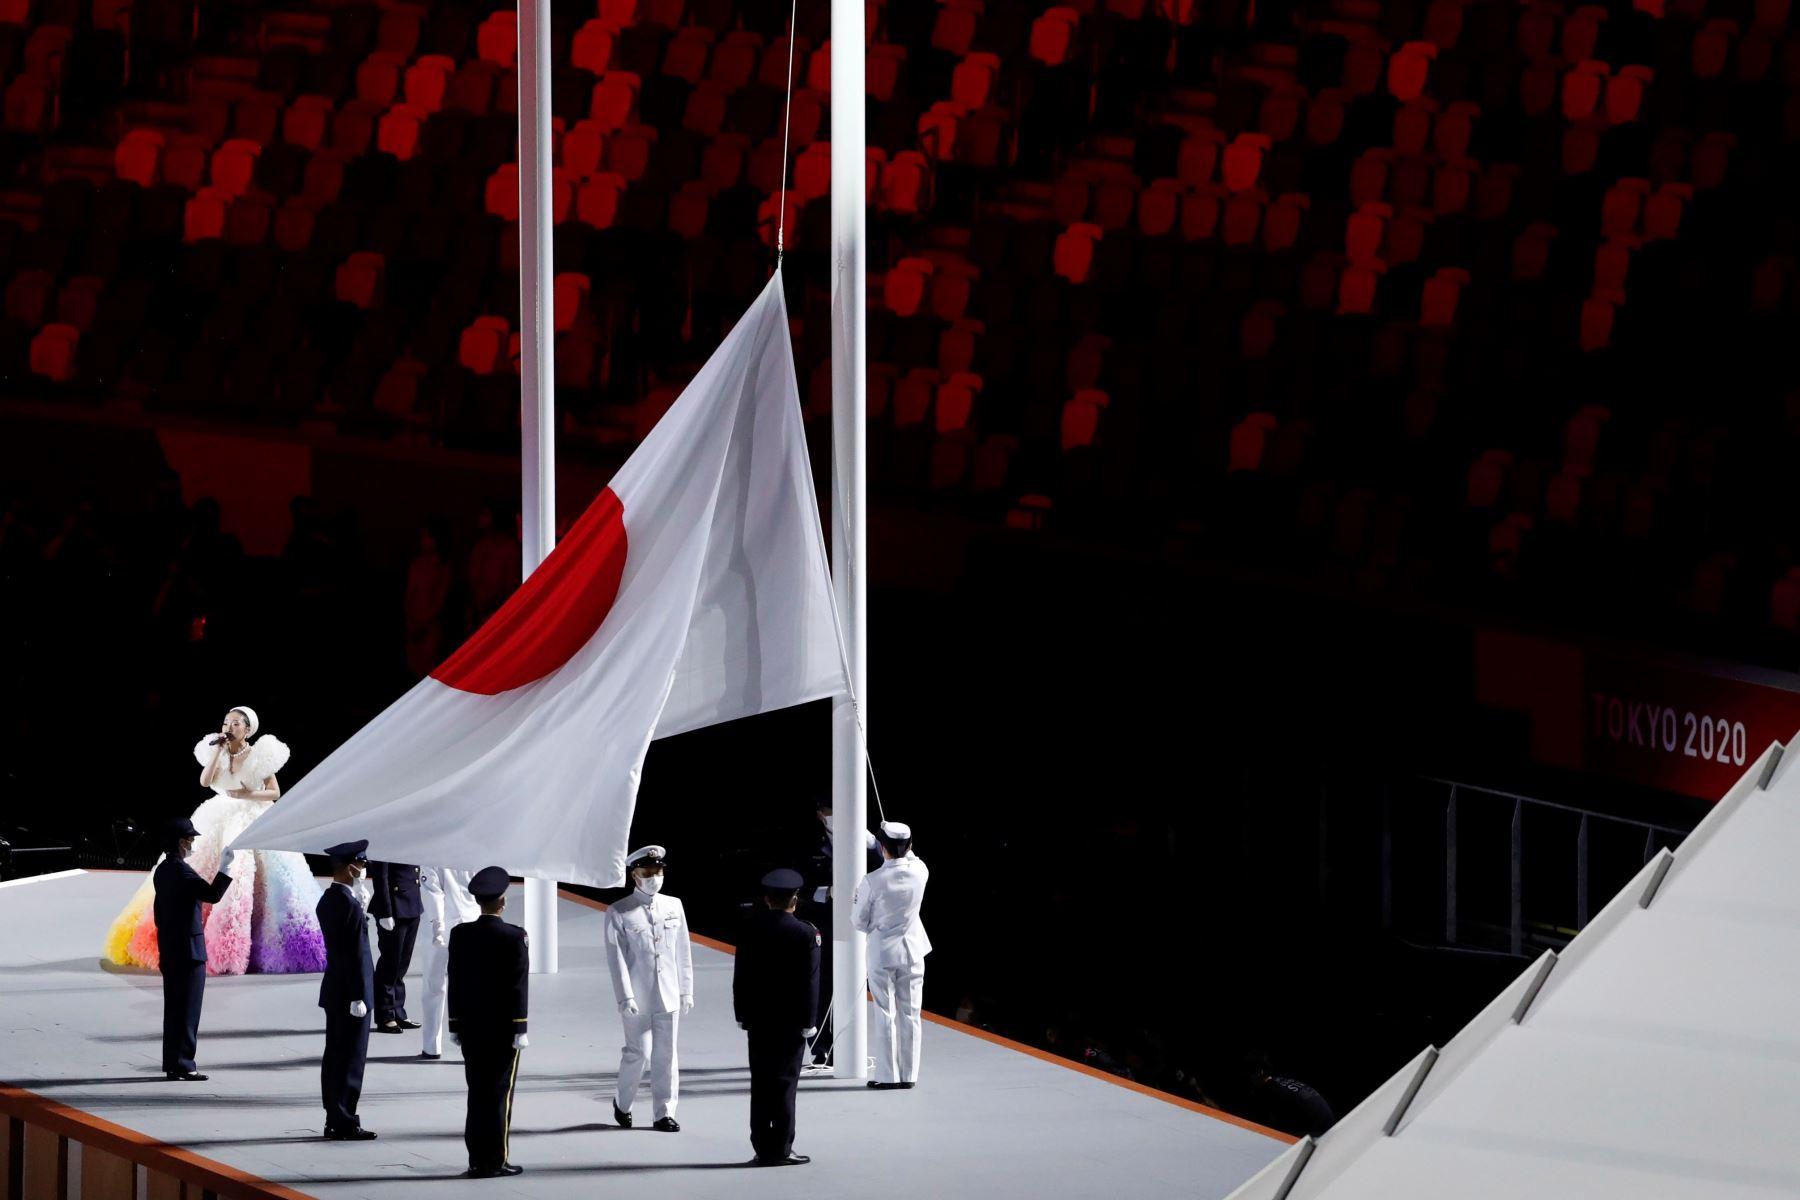 La bandera nacional japonesa se iza durante la ceremonia de apertura de los Juegos Olímpicos de Tokio 2020 en el Estadio Olímpico de Tokio, Japón. Foto: EFE